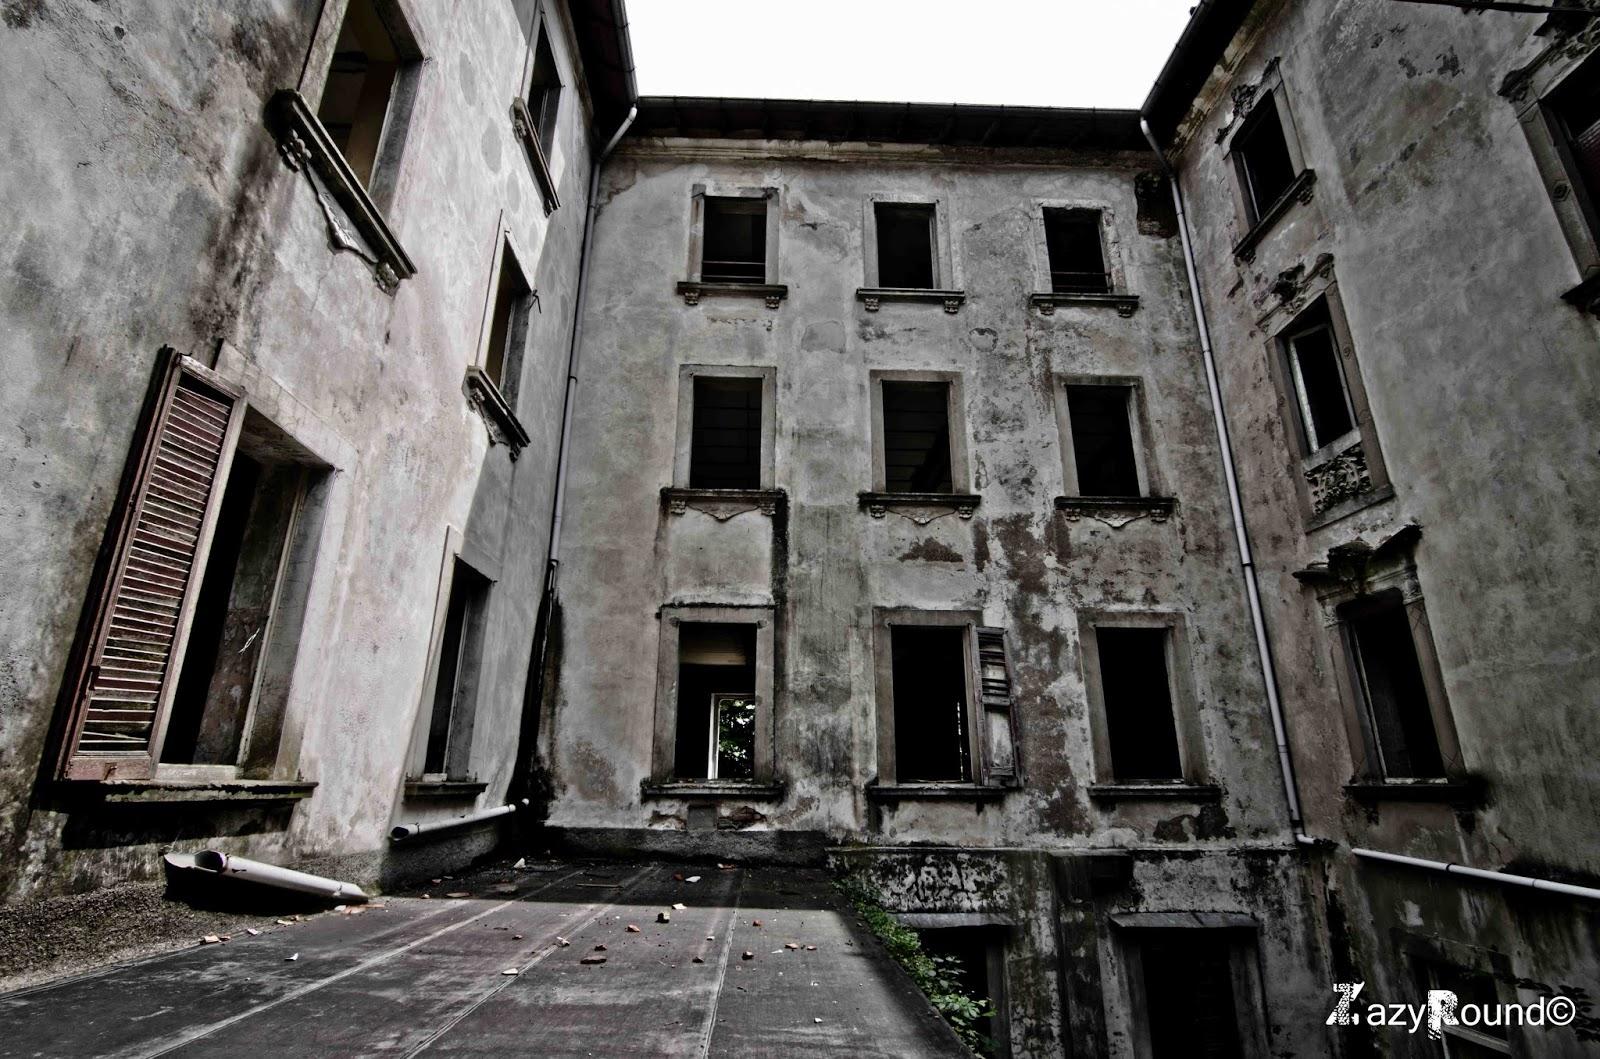 Abbandonografando i relitti dell 39 ex grand hotel p for Piccoli piani di costruzione dell hotel